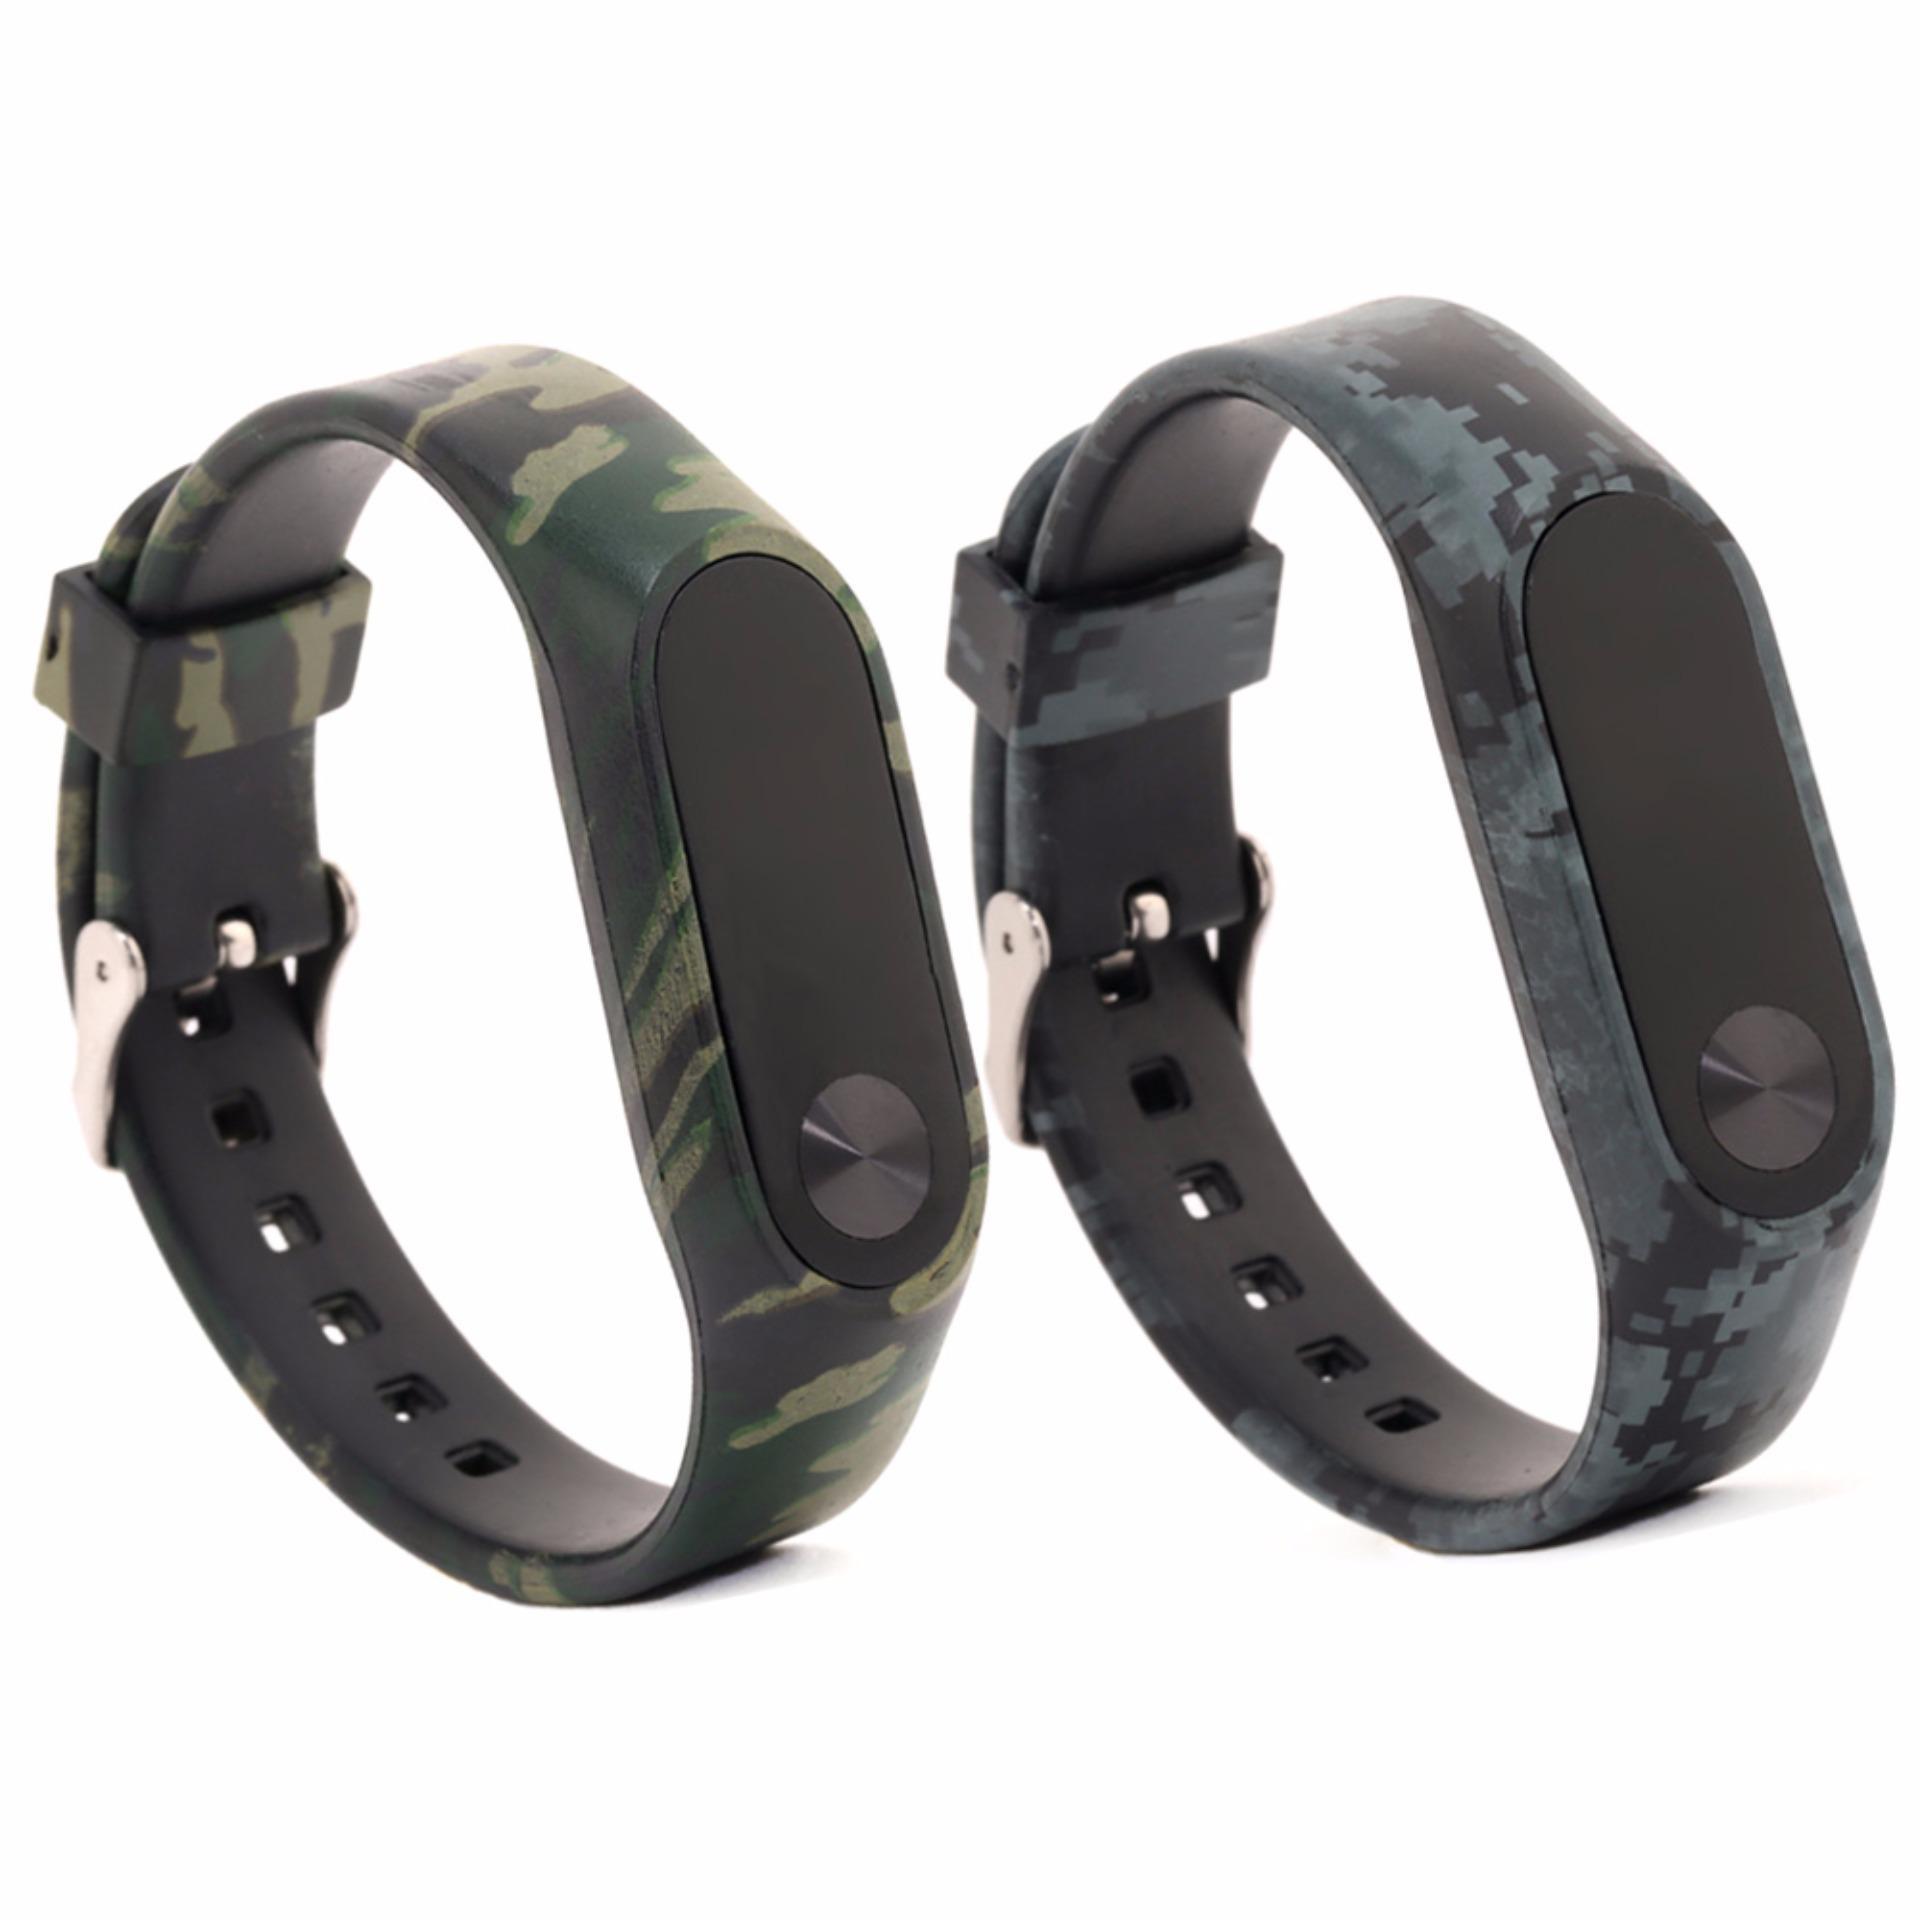 Cheap online PCS 2 Banyak Warna penggantian tali untuk Mi Band 2 Band Smart gelang aksesoris